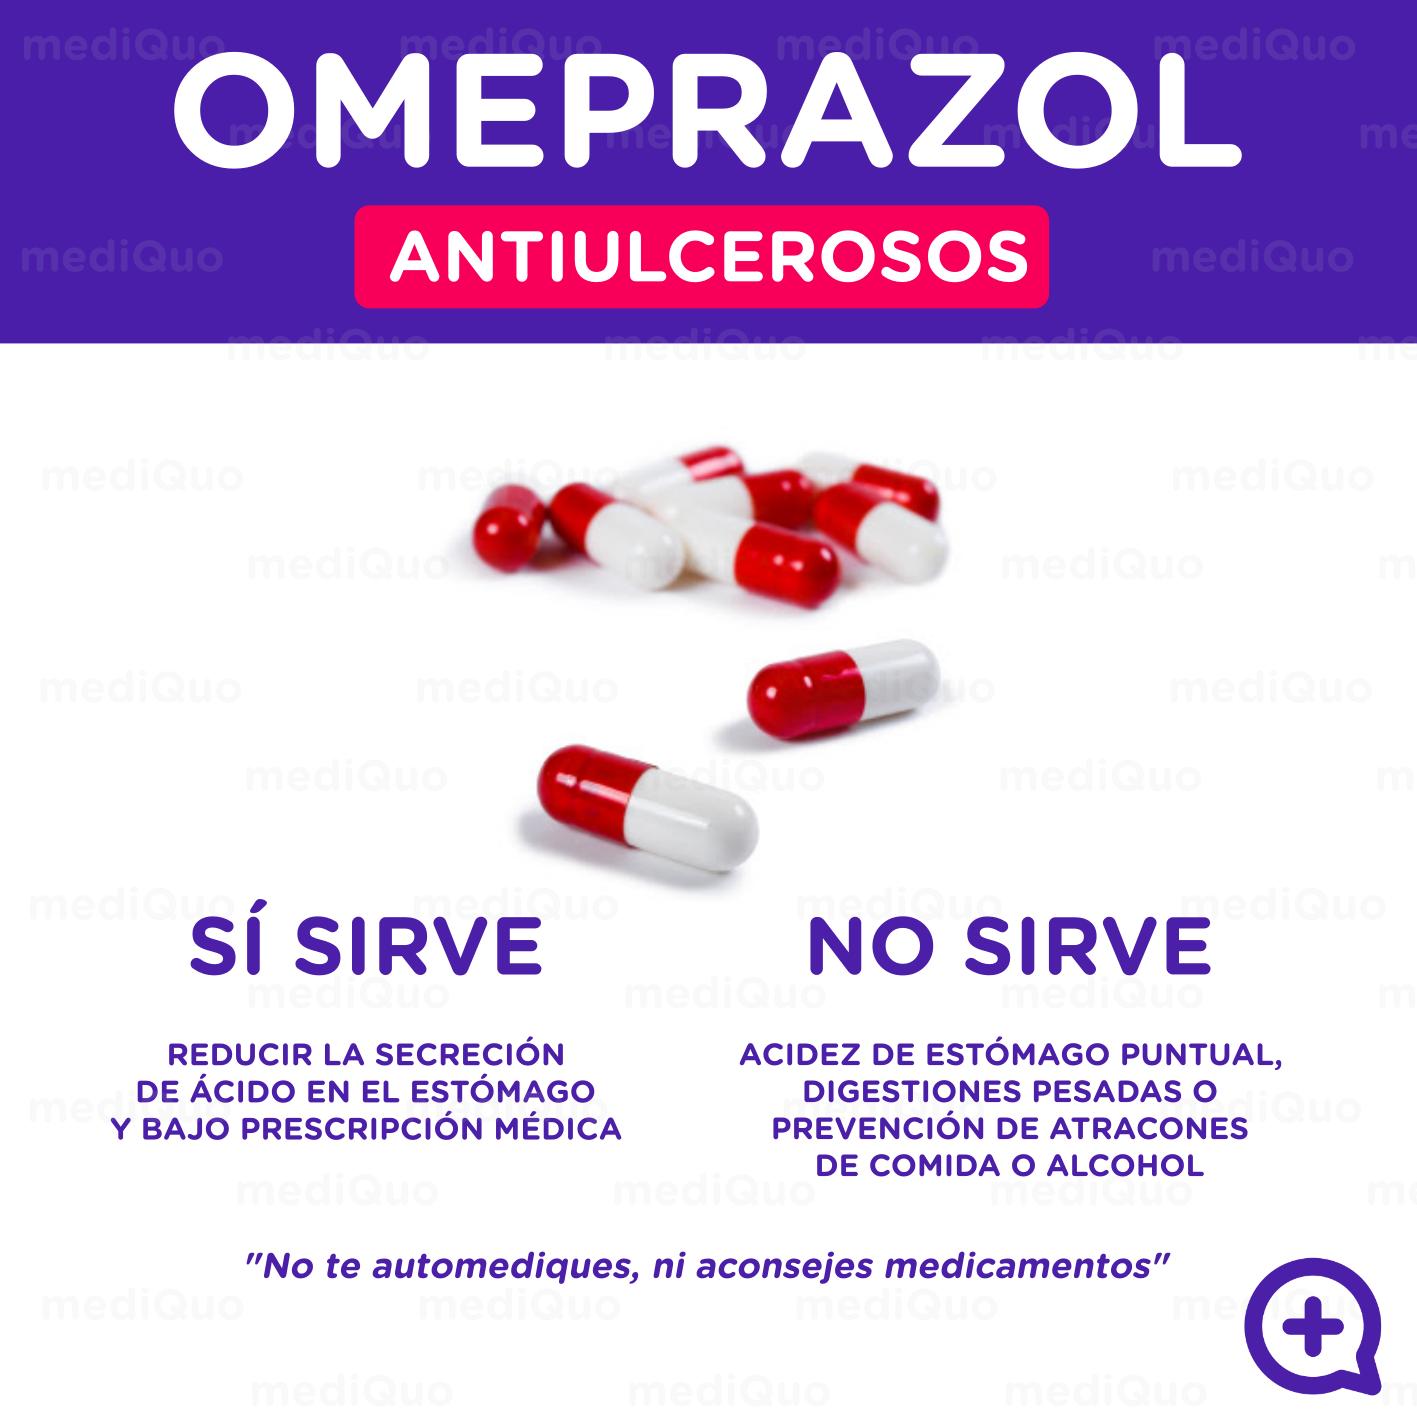 Infografías_OMEPRAZOL_mediquo